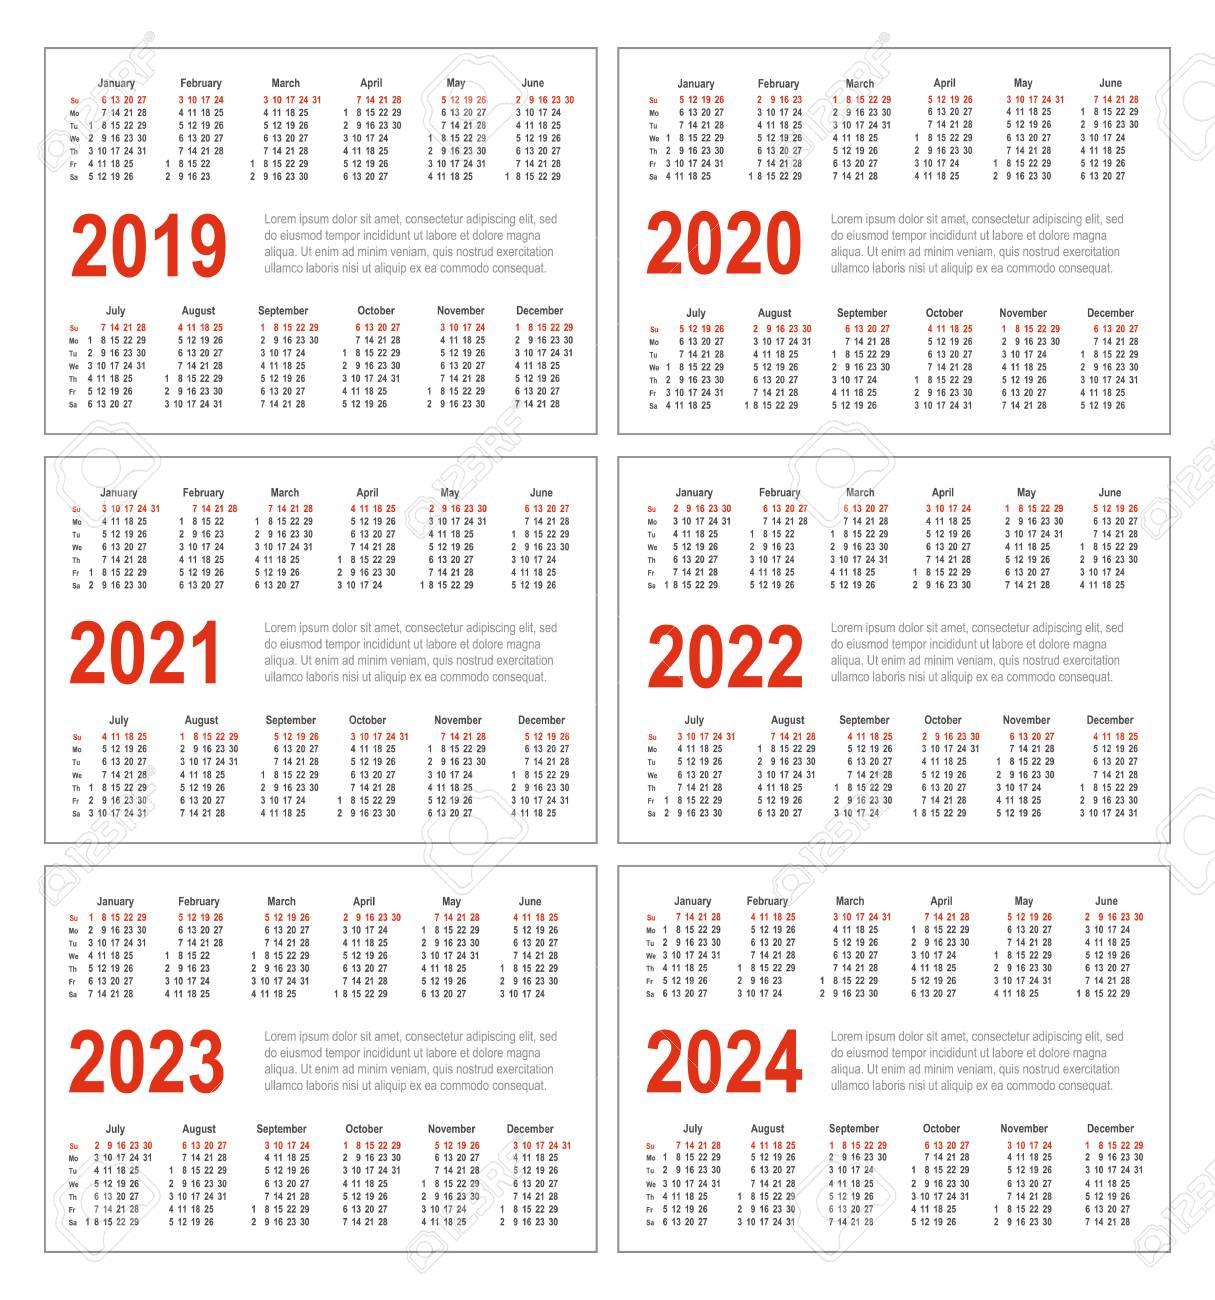 2021 And 2019 Pocket Calendar Simple Horizontal Calendar For 2019, 2020, 2021, 2022, 2023 And